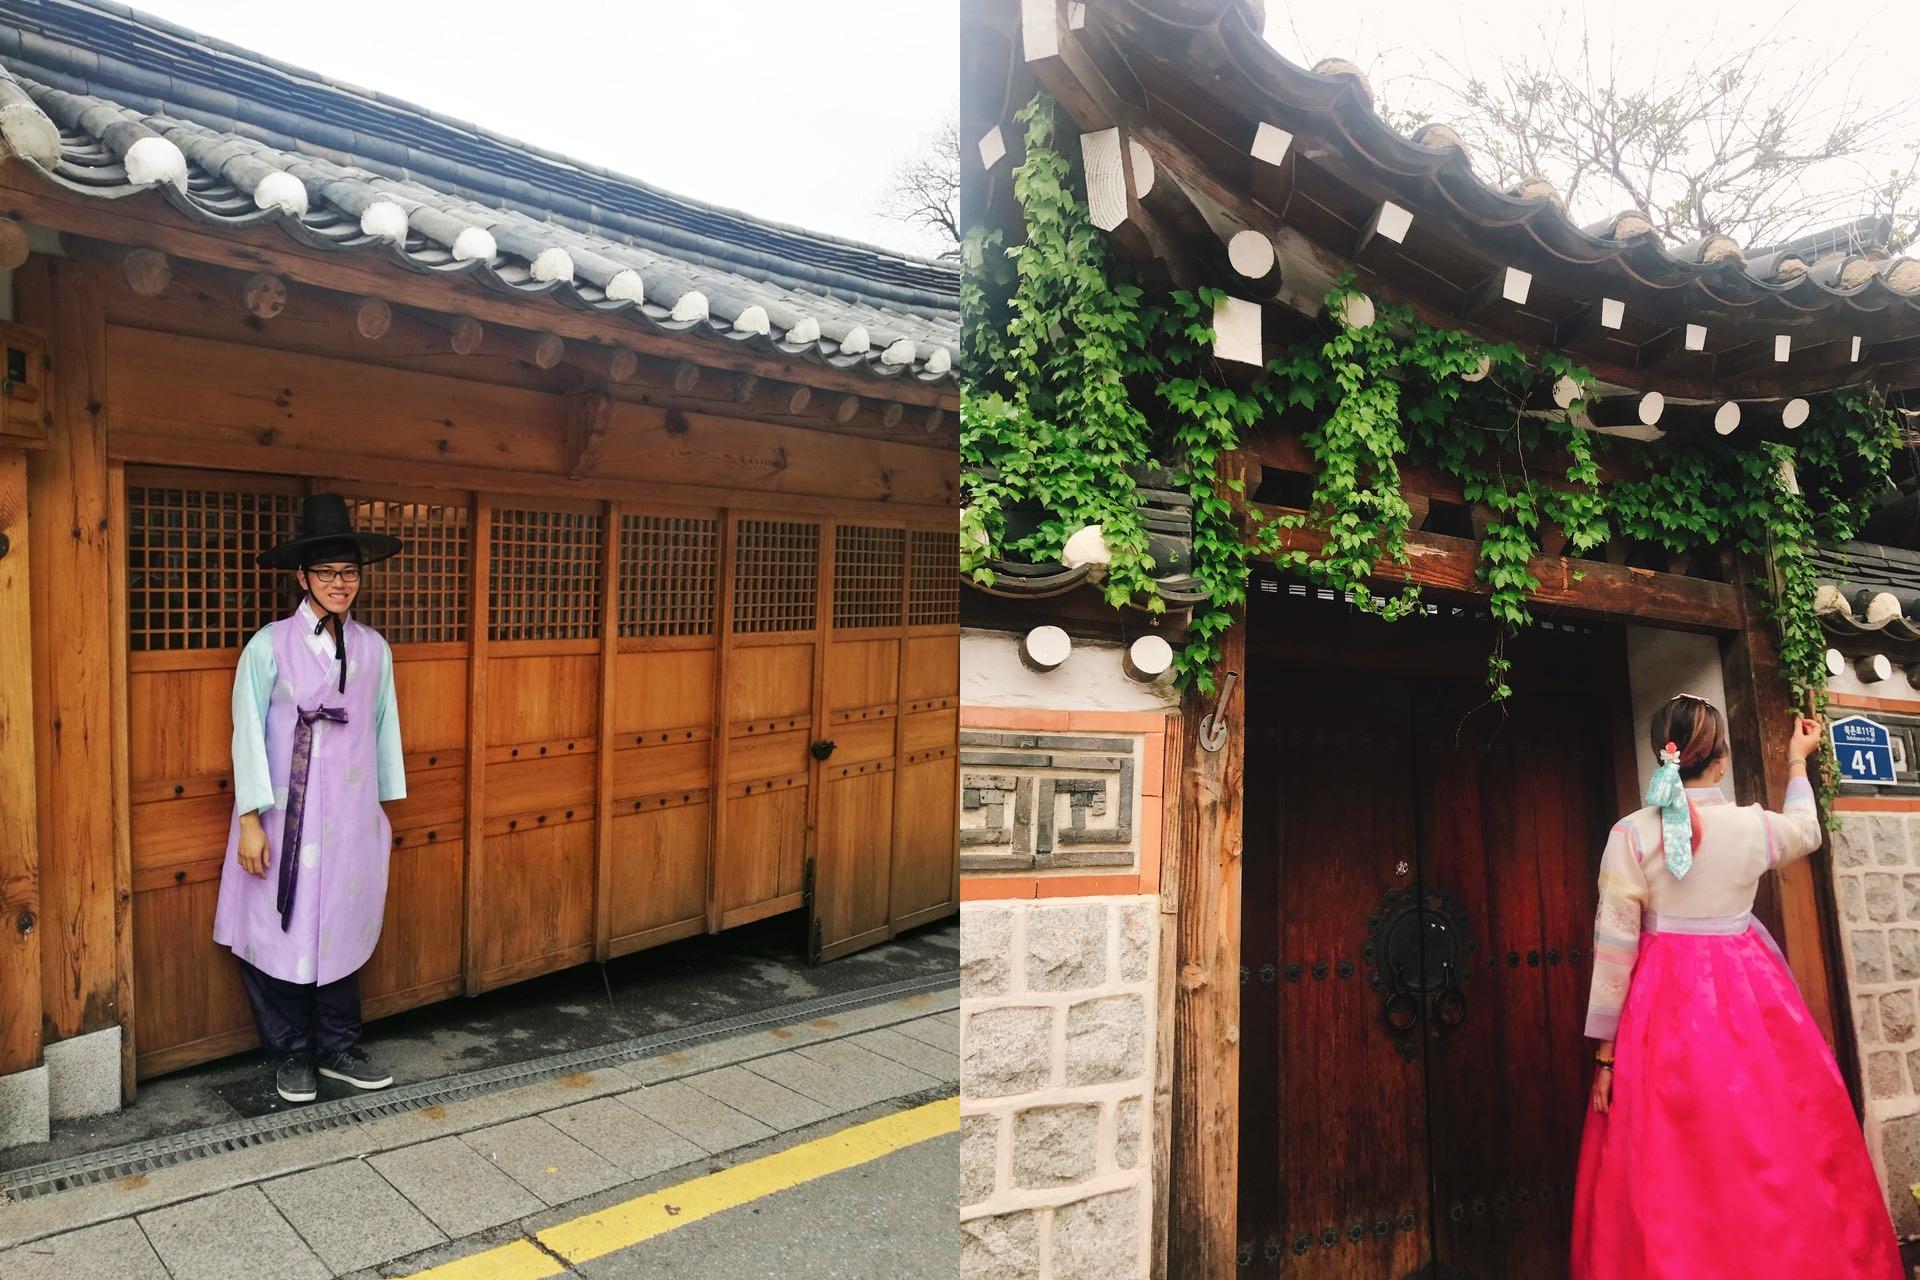 boleh-foto-di-bukchon-village-asal-jangan-berisik-salam-korea-1